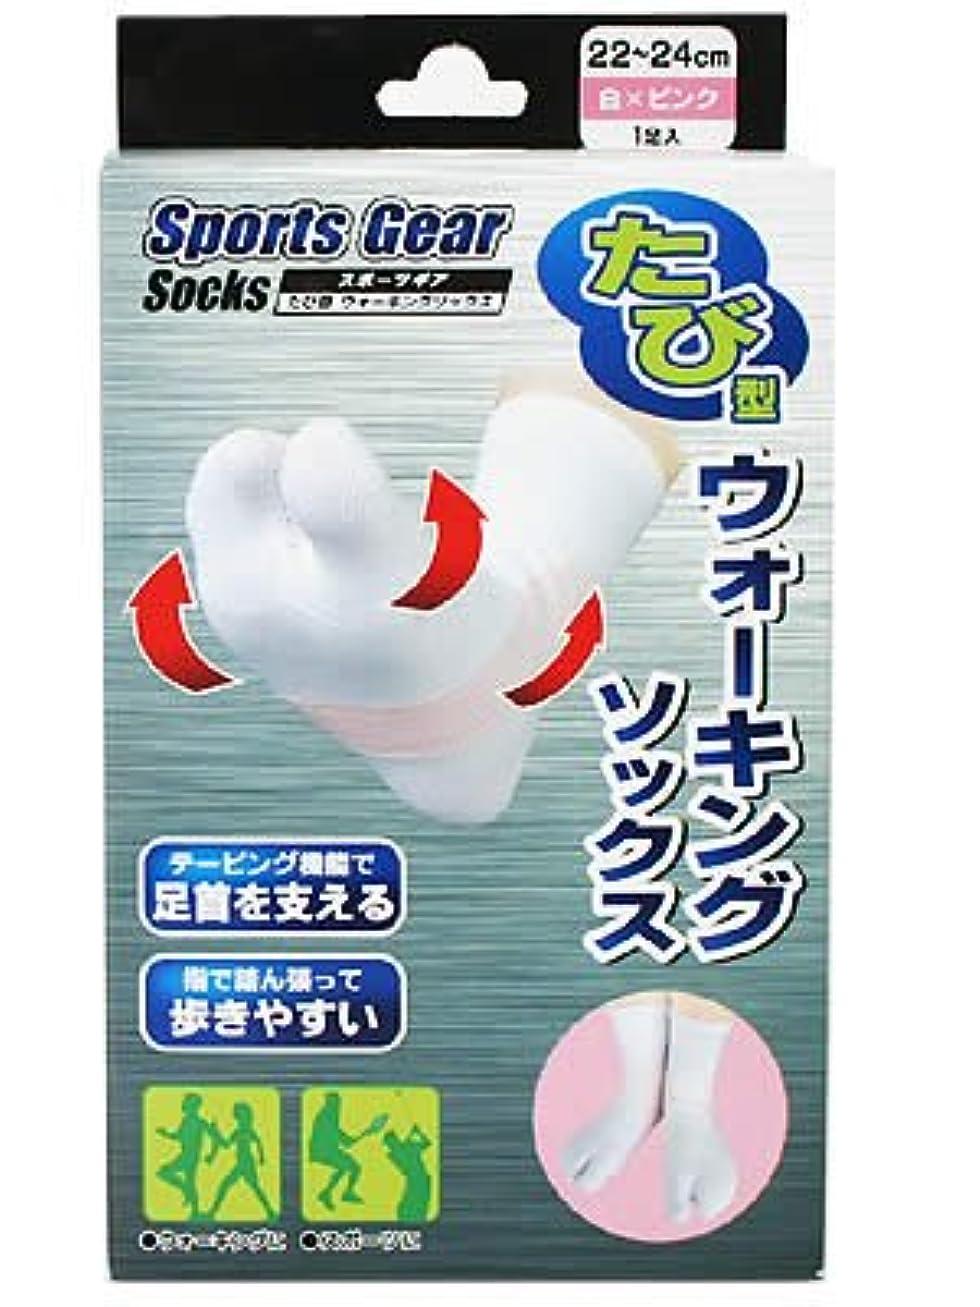 立法お客様出来事スポーツギア たび型 ウォーキングソックス 22~24cm 白×ピンク